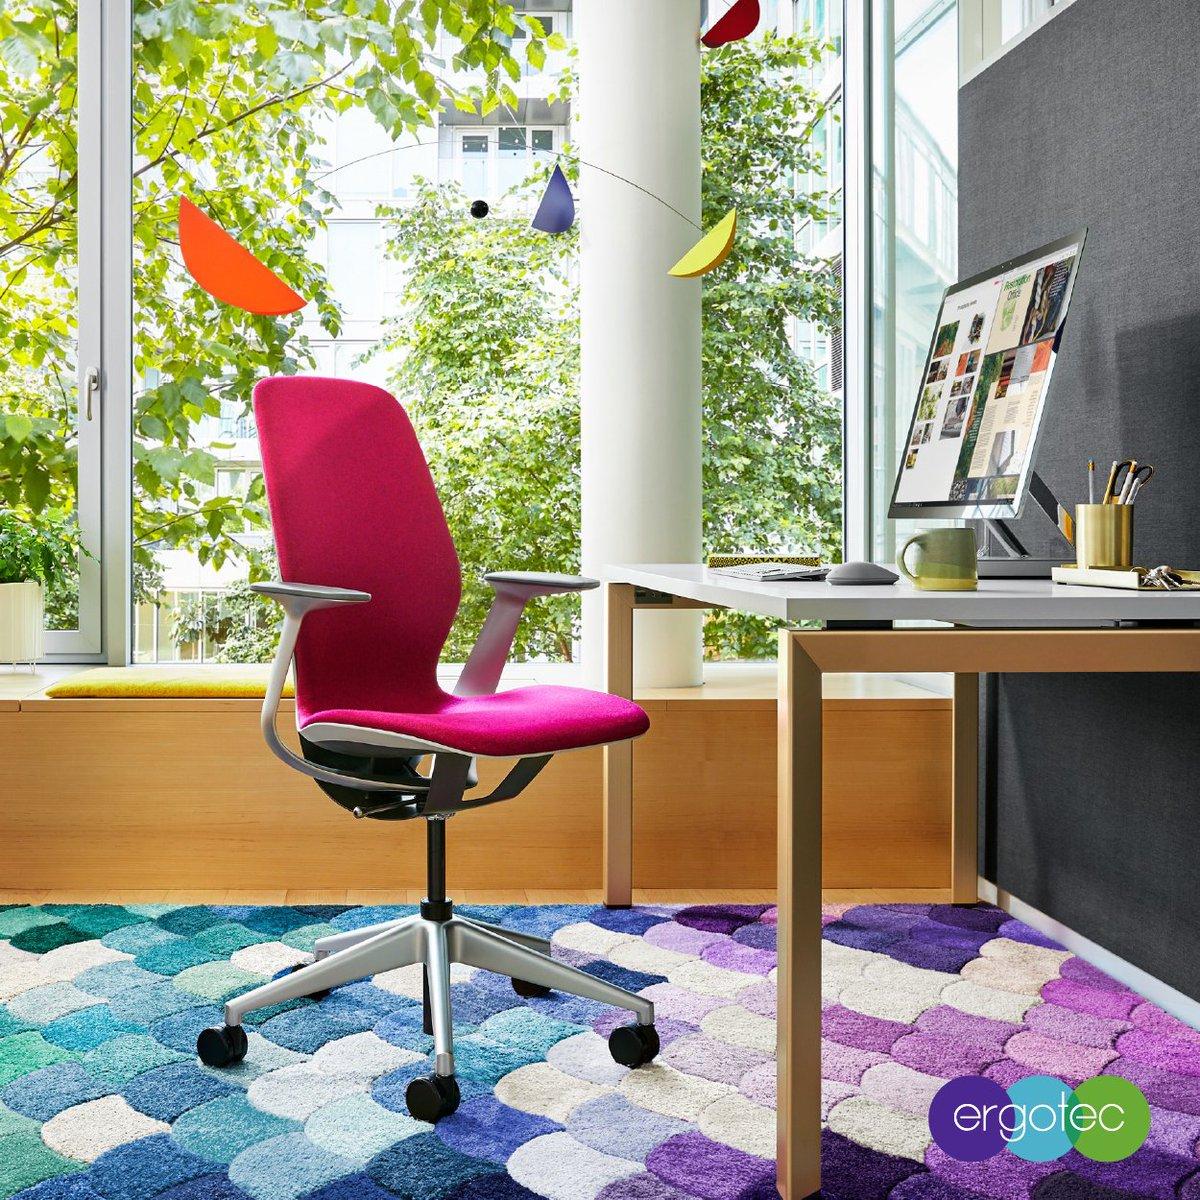 unico office chair. #SILQ Conjuga Materiales Y El Desempeño Para Crear Algo Realmente único. #Steelcase #ERGOTECpic.twitter.com/gnSoj9Klrv Unico Office Chair